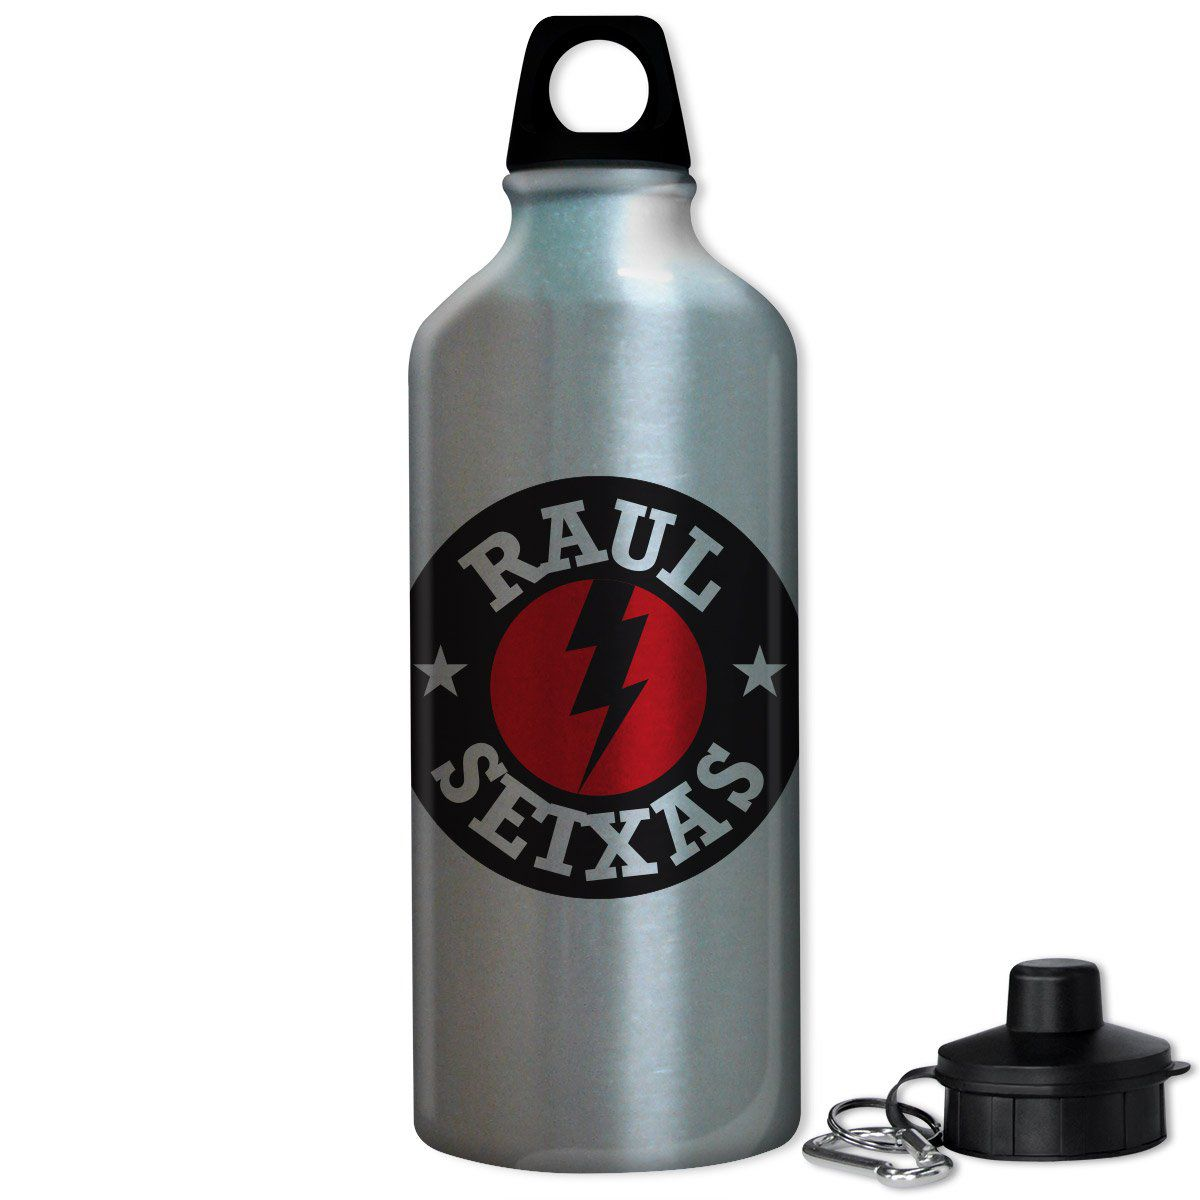 Squeeze Raul Seixas Logo de Raio  - bandUP Store Marketplace